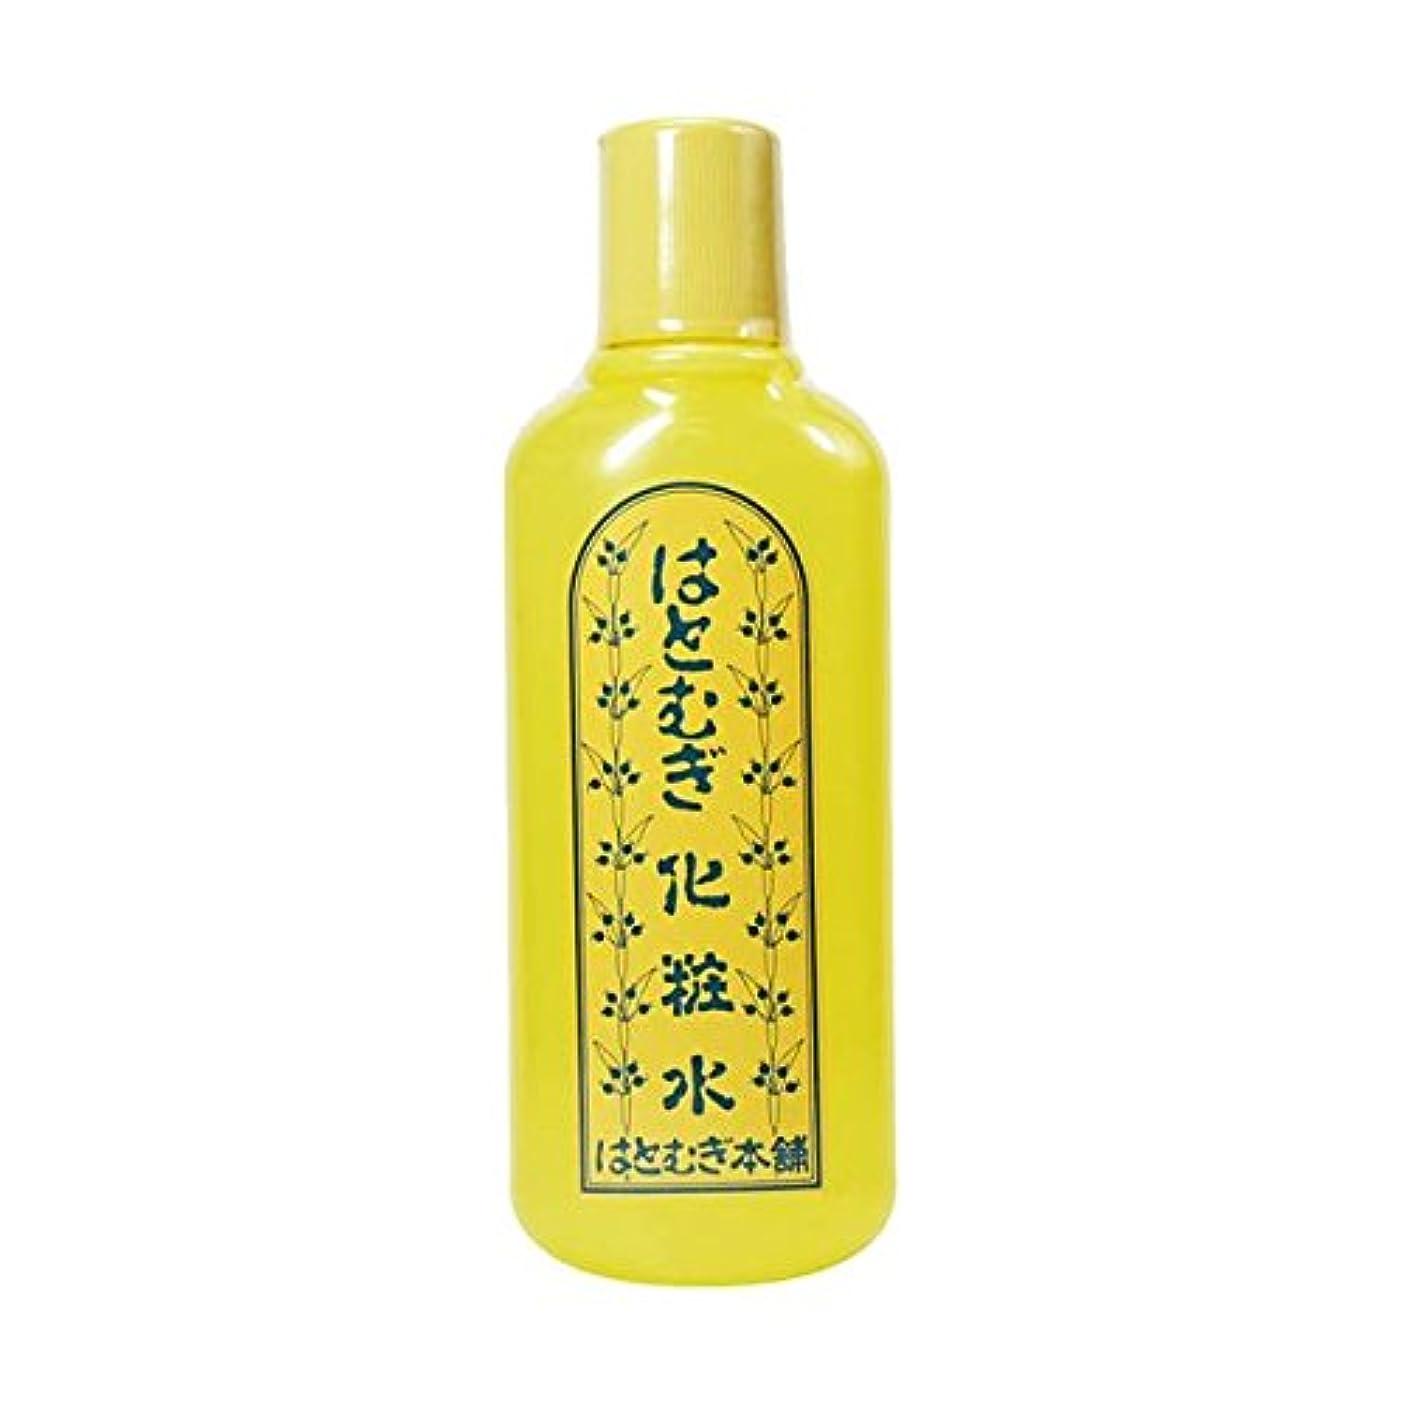 バッフル祖母活気づけるお徳用 はとむぎ化粧水 250ml×3セット